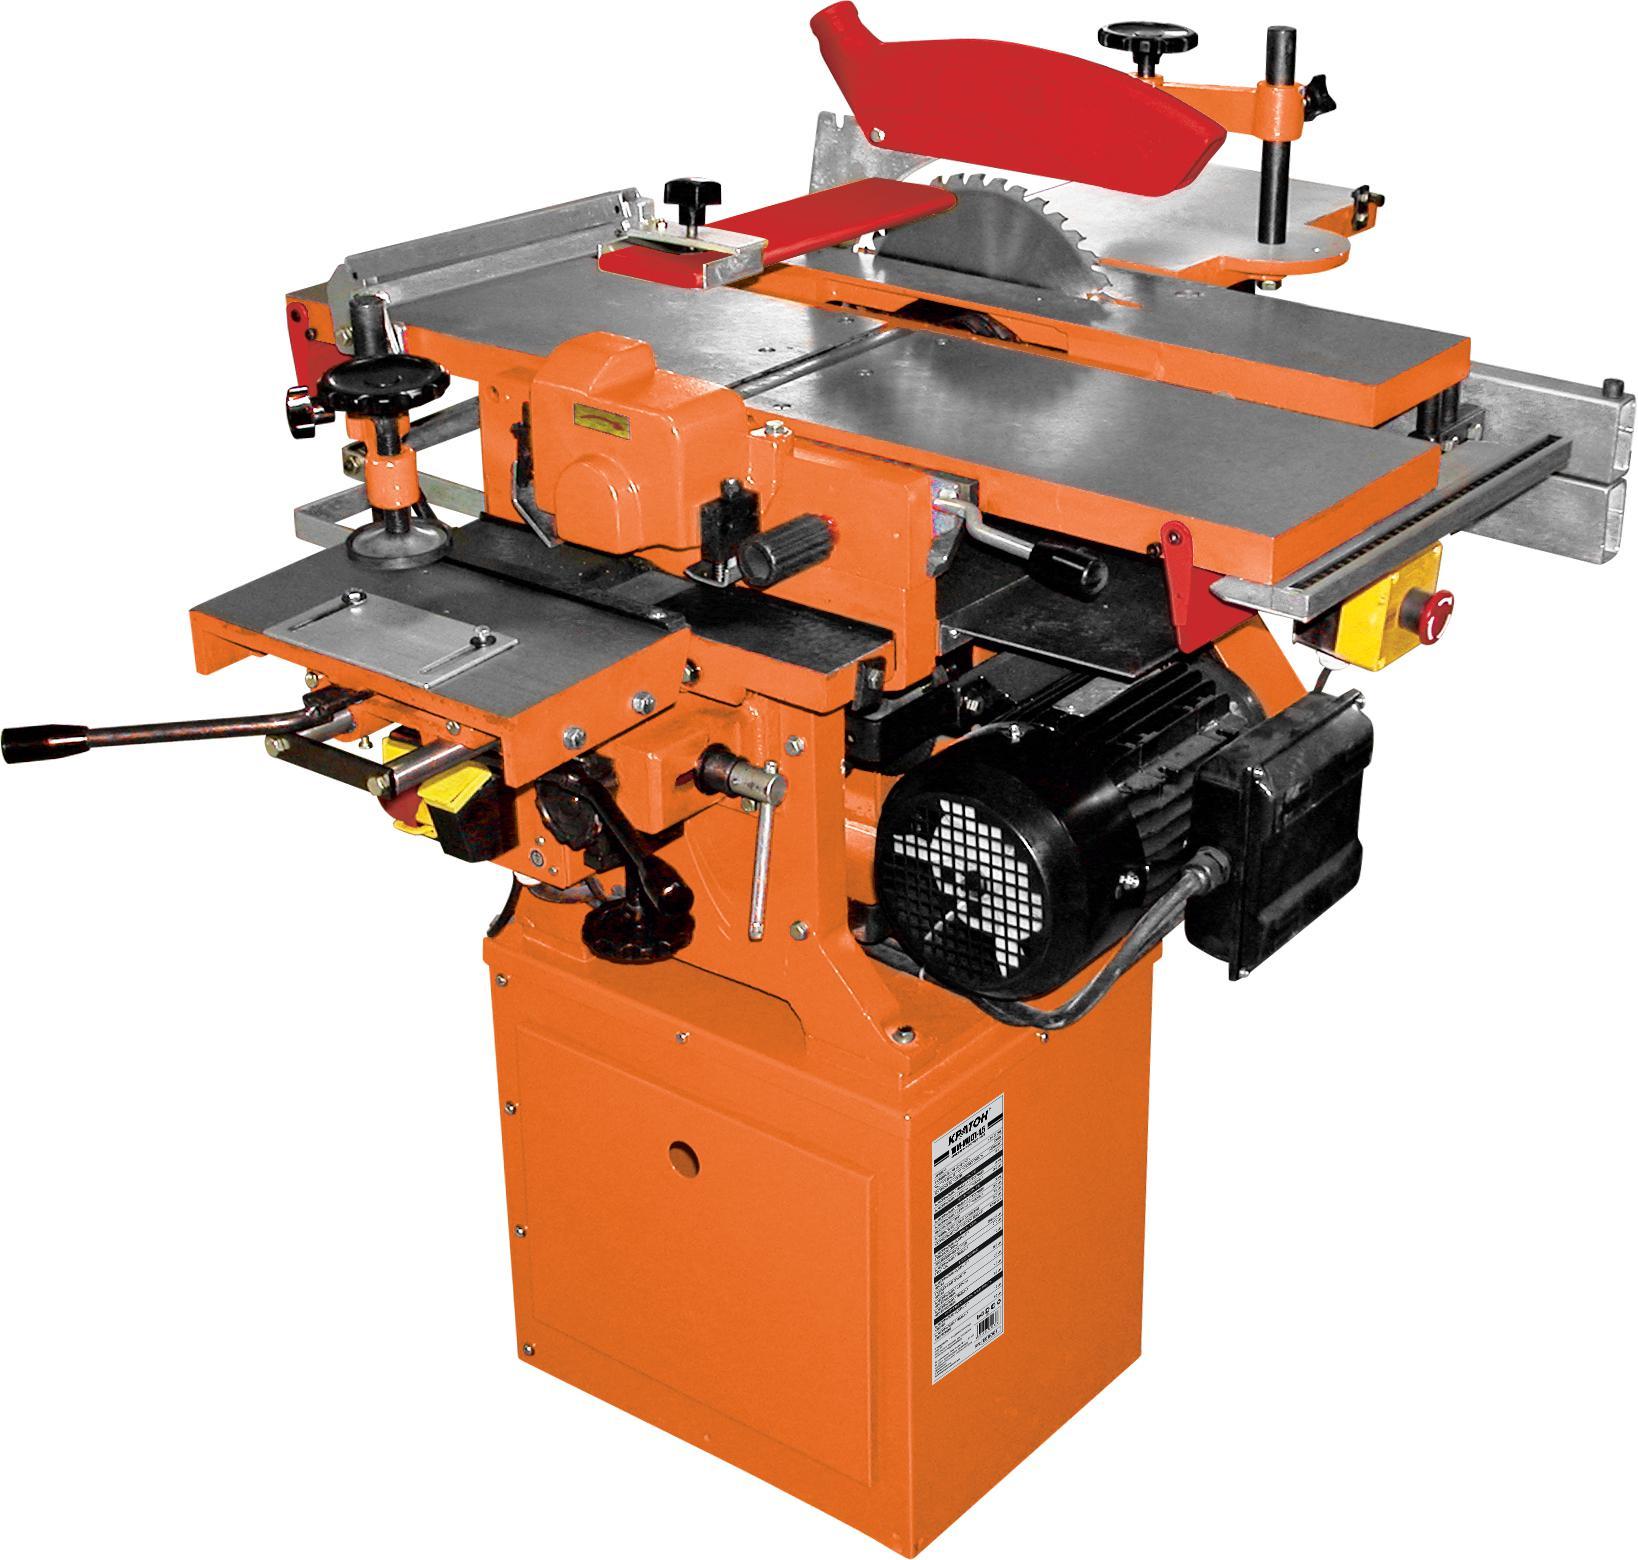 Станок деревообрабатывающий многоперационный КРАТОН Wm-multi-1.5 станок деревообрабатывающий мастер универсал 2500e 2 5квт эл блок